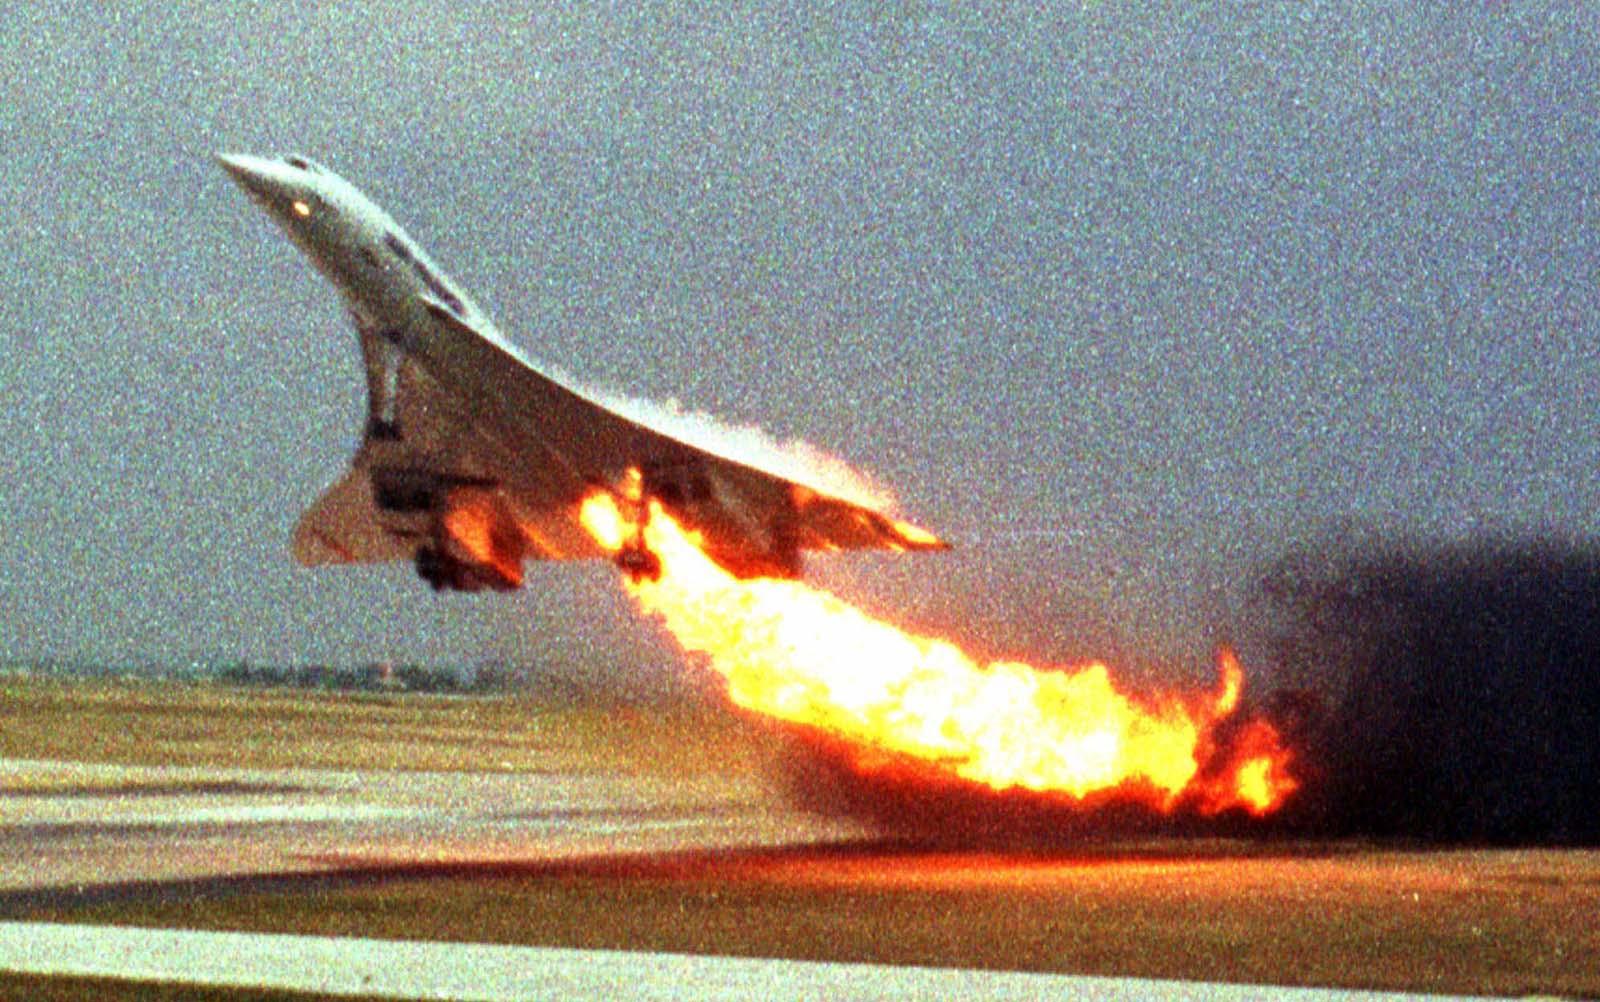 2000. július 25-én az Air France Concorde lángba robbant, és röviddel a felszállás után lezuhant.  A repülőgép felgyulladt, miután egy robbantott gumiabroncs feltörte a Concorde üzemanyagtartályait, és 113 ember halt meg az ütközésben.